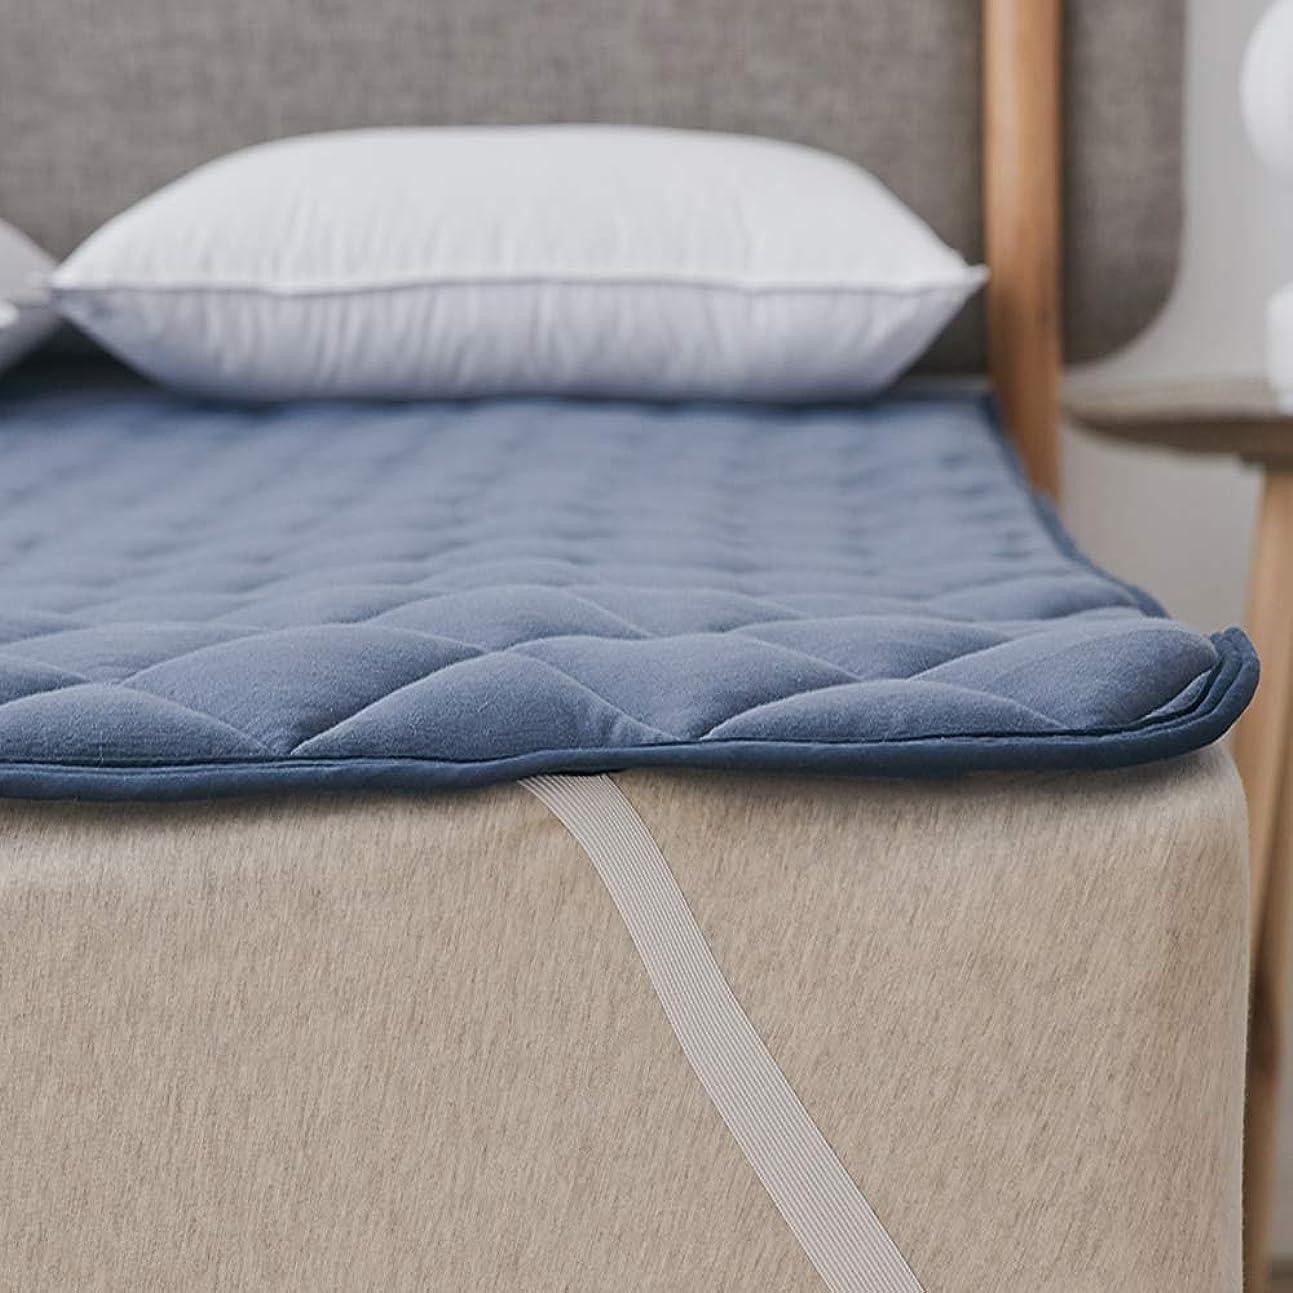 小説家患者収まるクモリ(Kumori) 綿100% 敷きパッド 洗える ベッドパッド 抗菌?防臭?防ダニ加工 オールシーズンで使える ベッドシーツ ベッドマット 敷パッド マットレスパッド 丸洗いOK (キング?180X200cm, ネイビー)